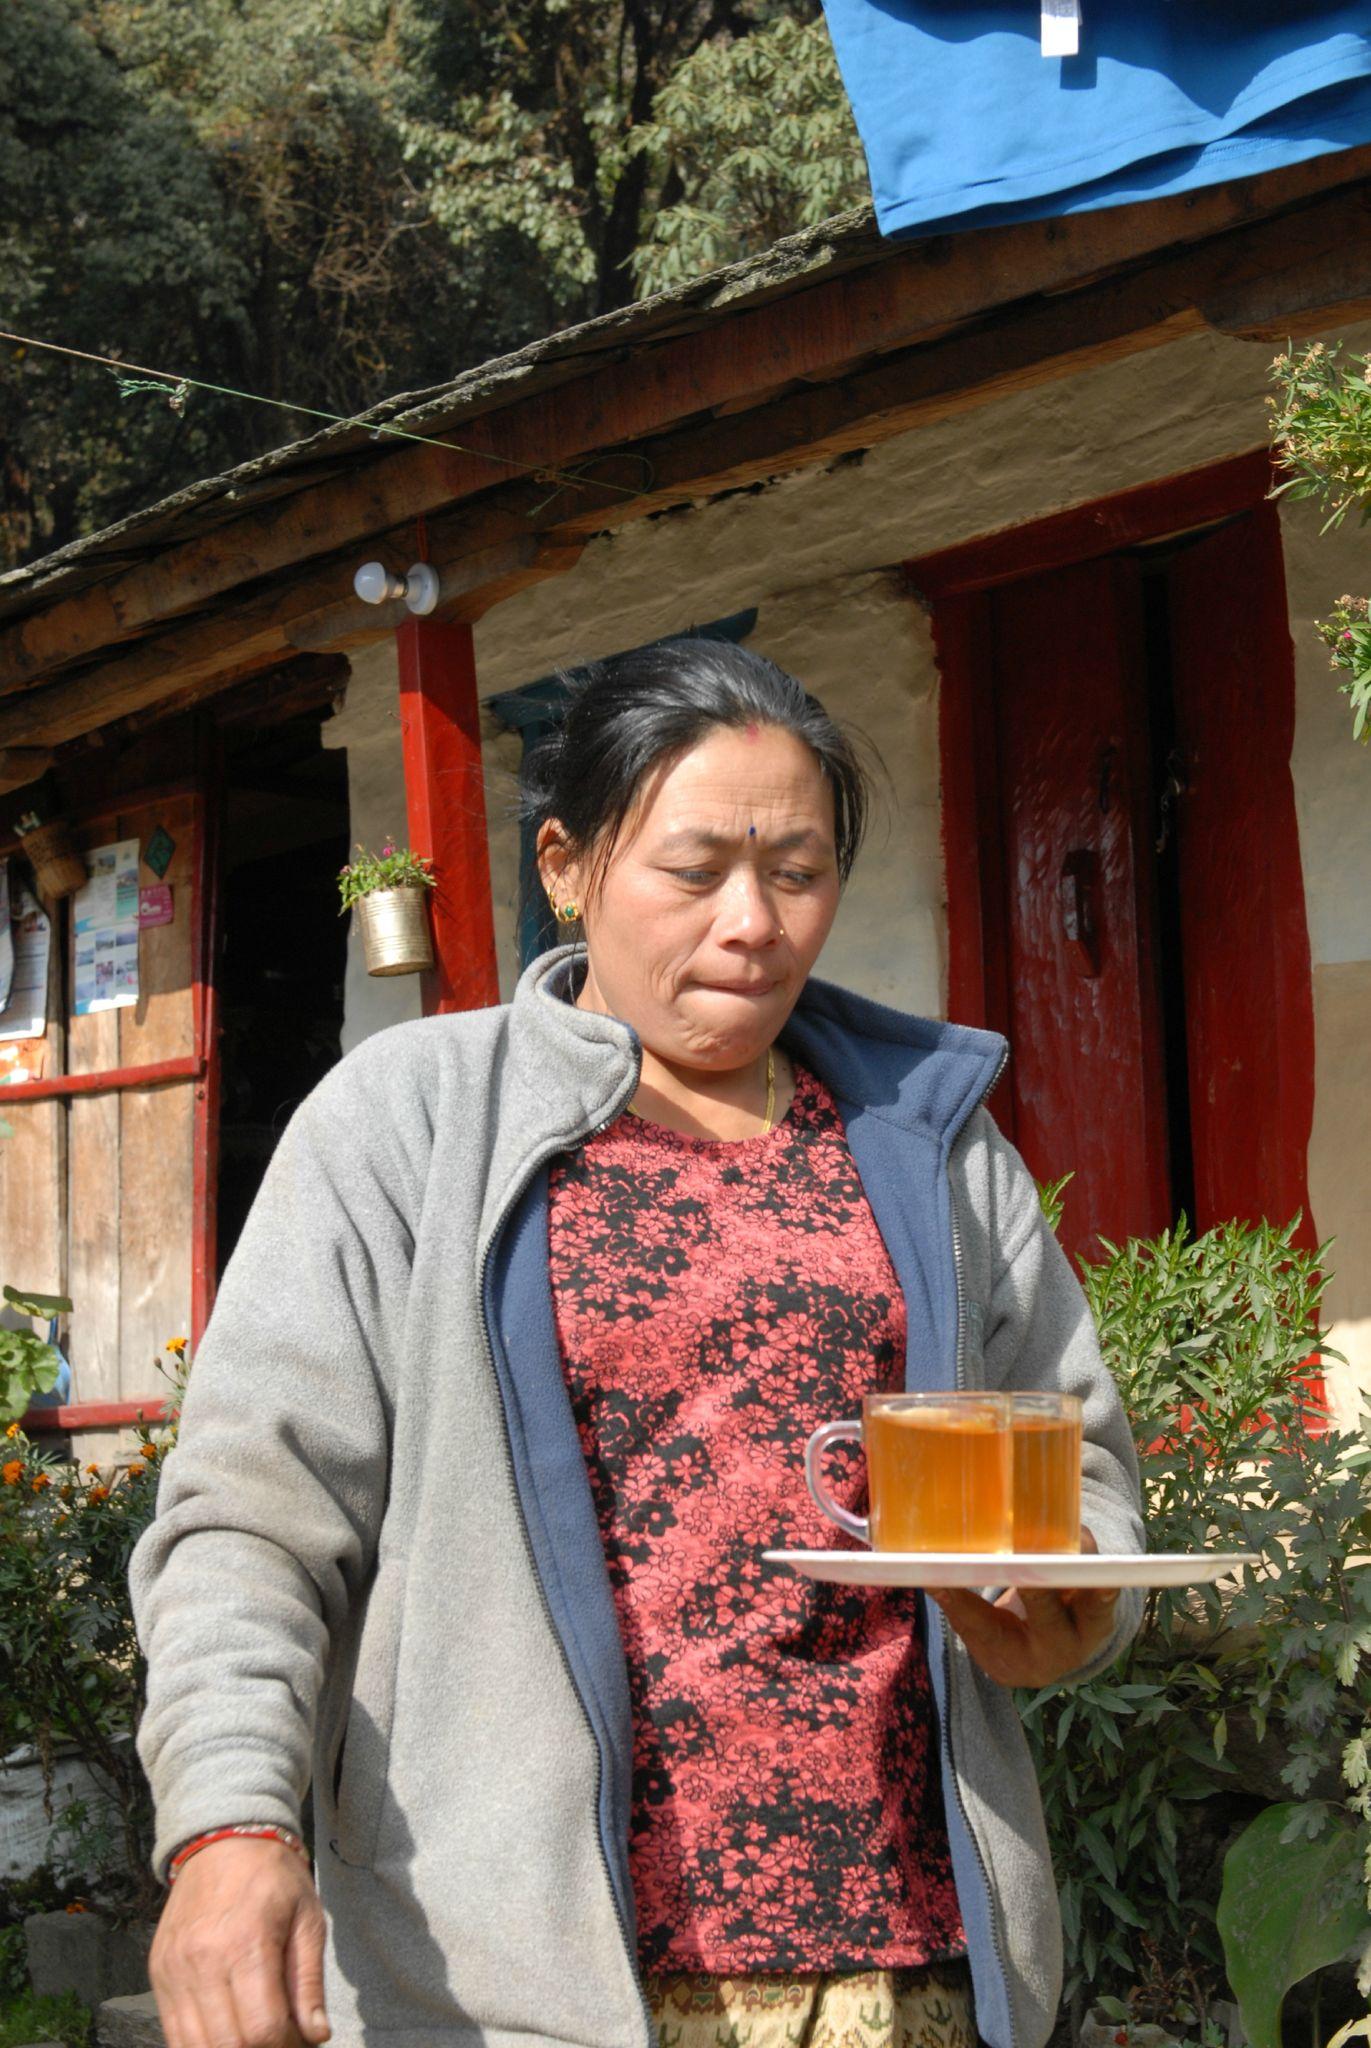 incontournable thé Népalais